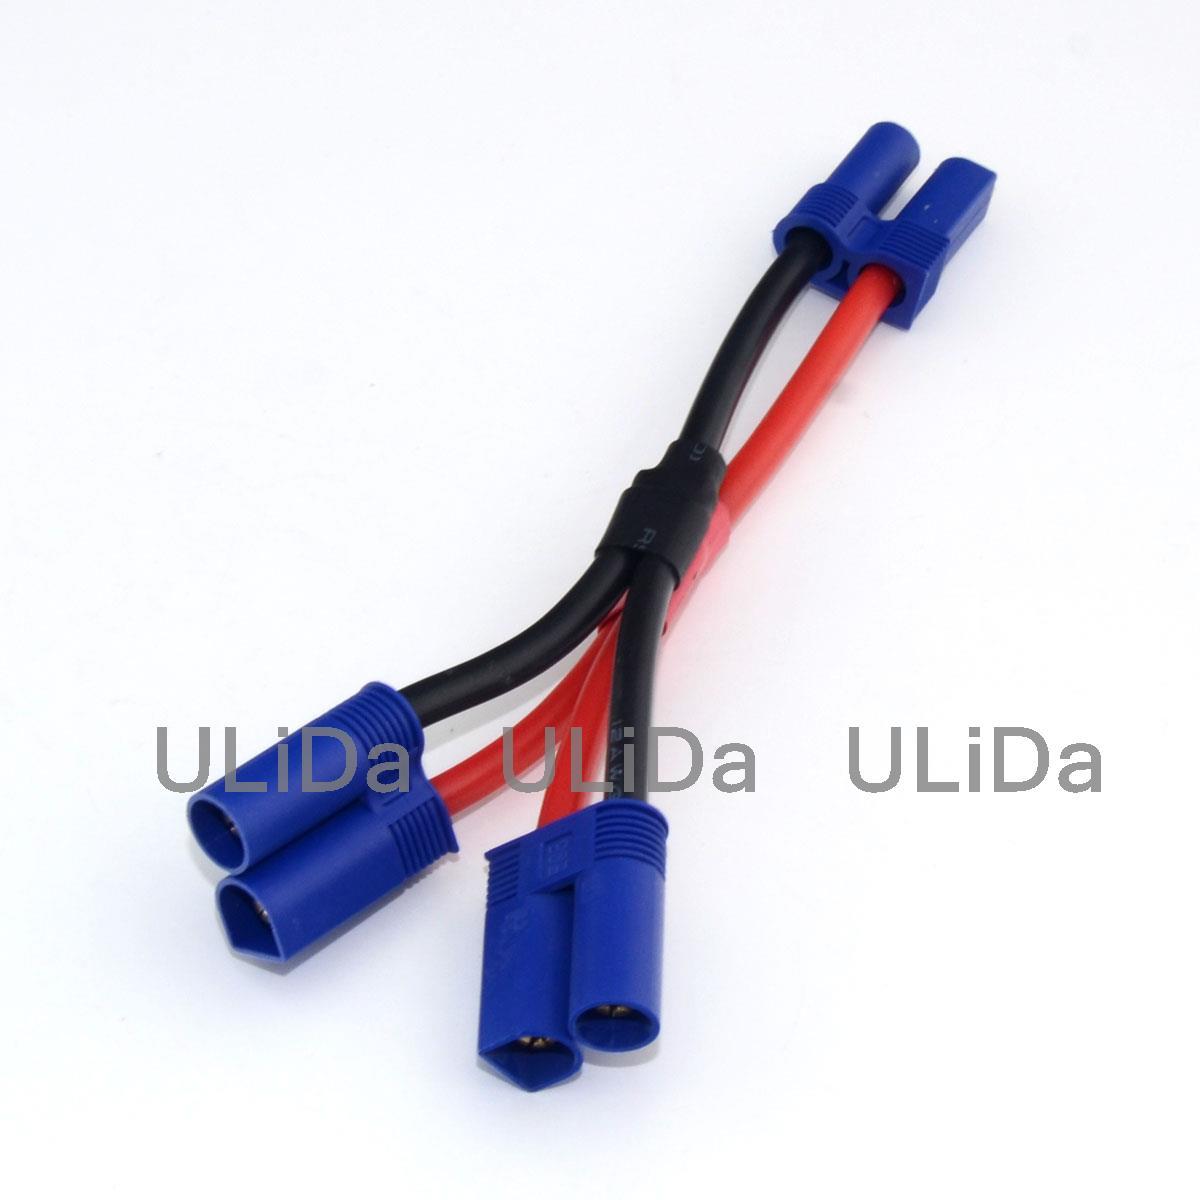 Neue ec5 parallel adapter stecker kabel 10 cm 12awg draht für rc ...